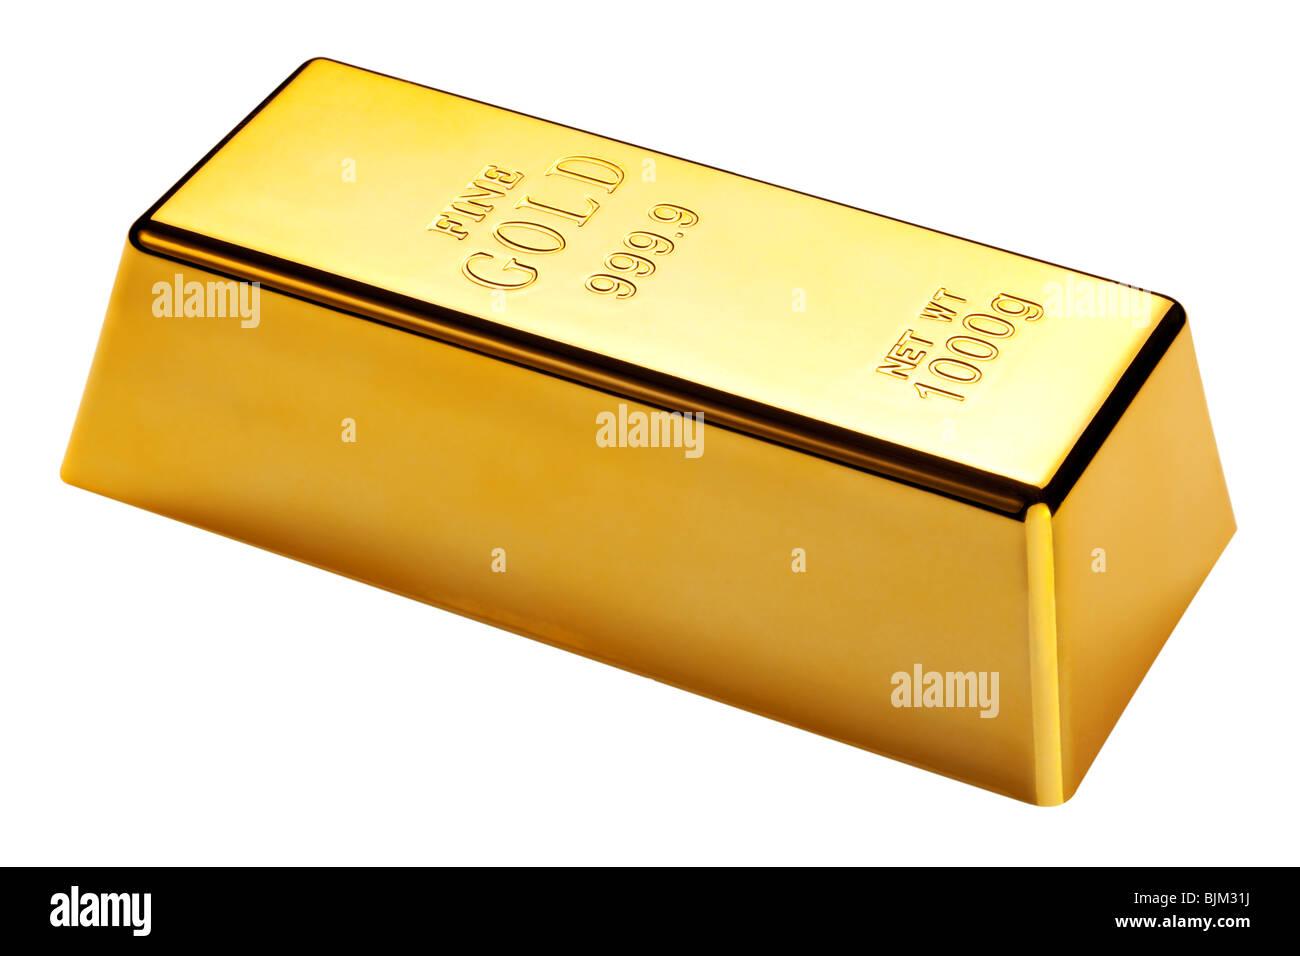 Foto de un 1kg de oro bar aislado sobre un fondo blanco con trazado de recorte Imagen De Stock